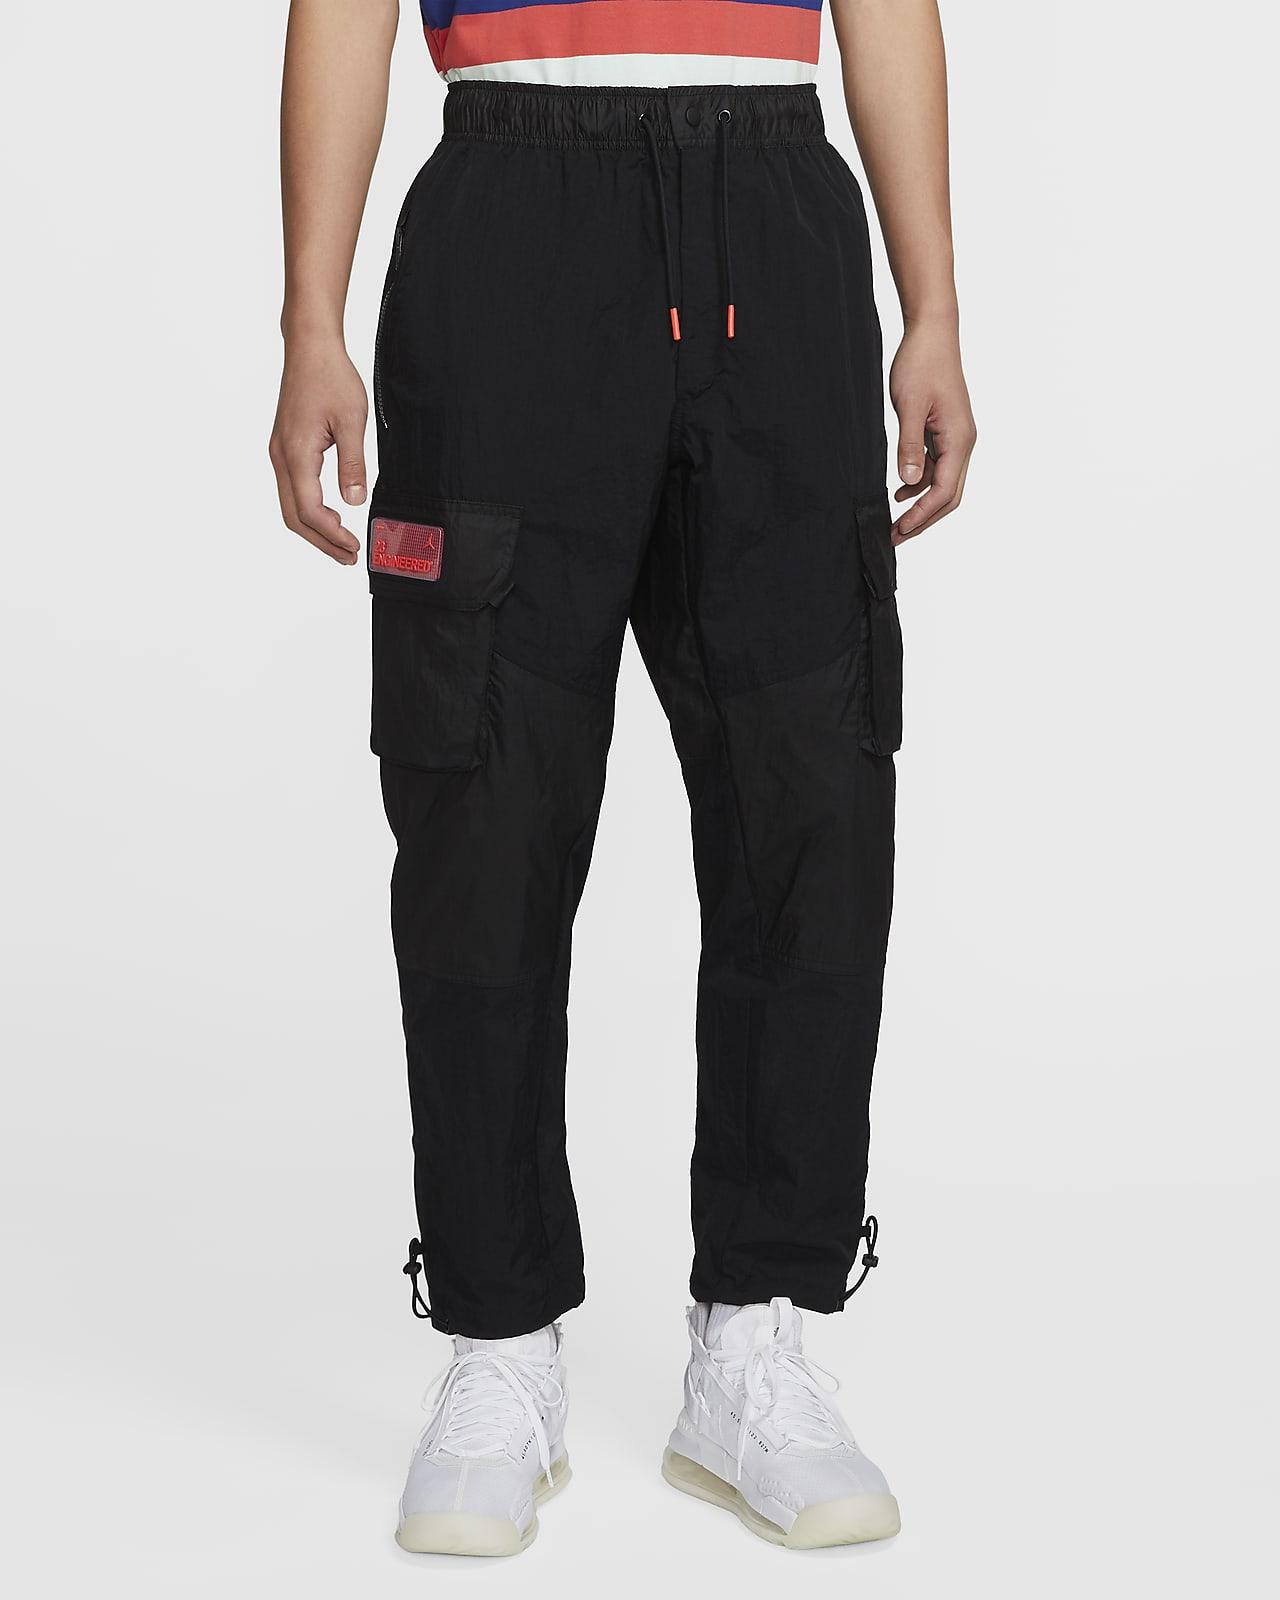 Jordan 23 Engineered 男子工装长裤